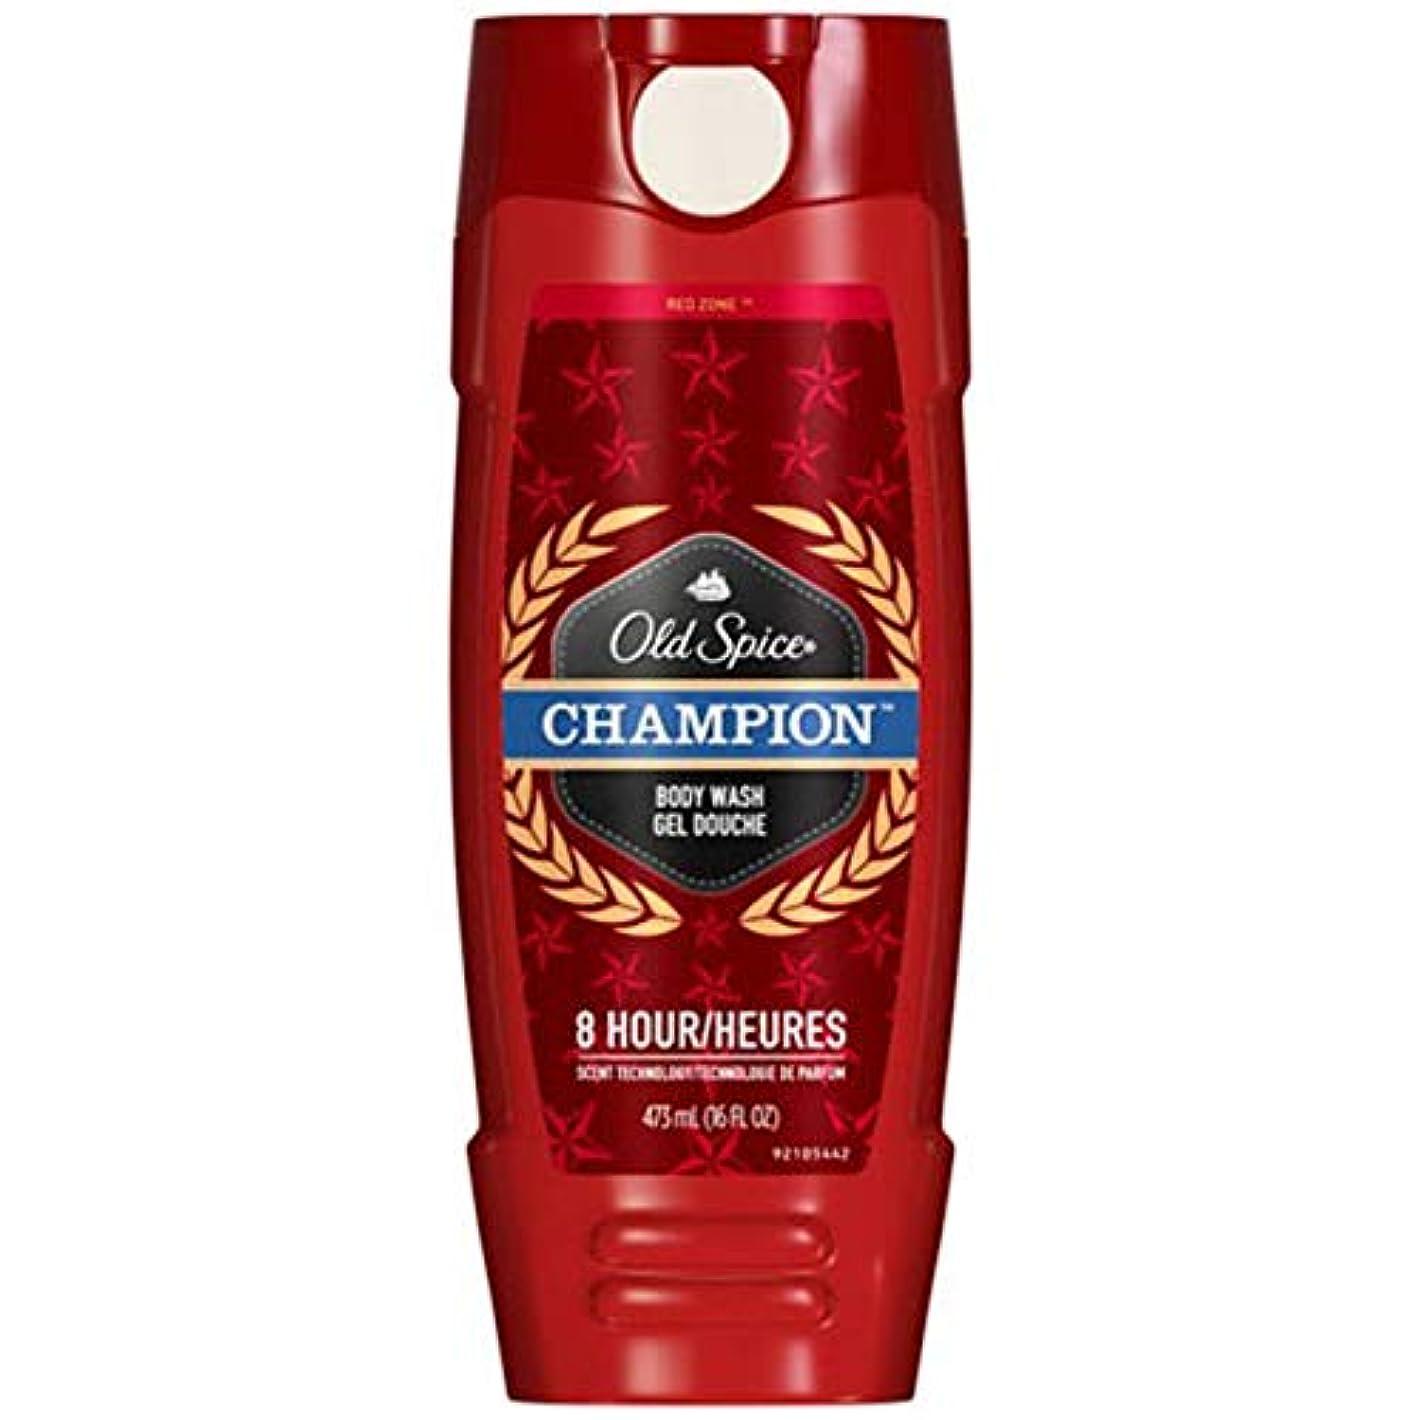 迷彩まばたき瞑想するOld Spice オールドスパイス ボディーウォッシュジェル Red Zone Body Wash GEL 473ml 並行輸入品 (CHAMPION/チャンピオン) [並行輸入品]